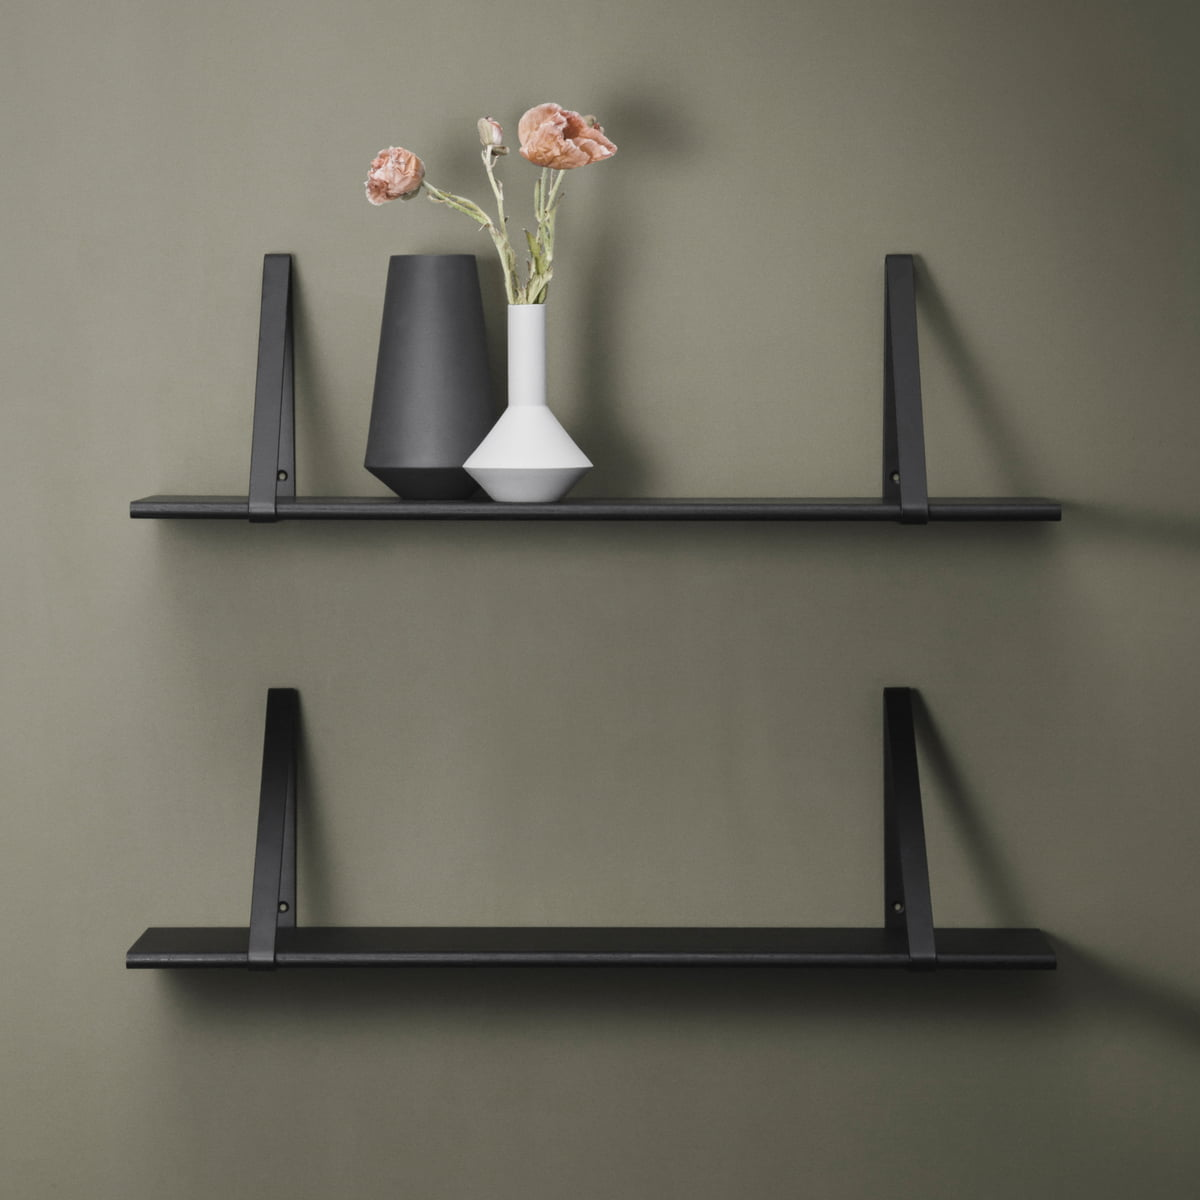 Regalaufhängung shelf hangers regalsystem ferm living